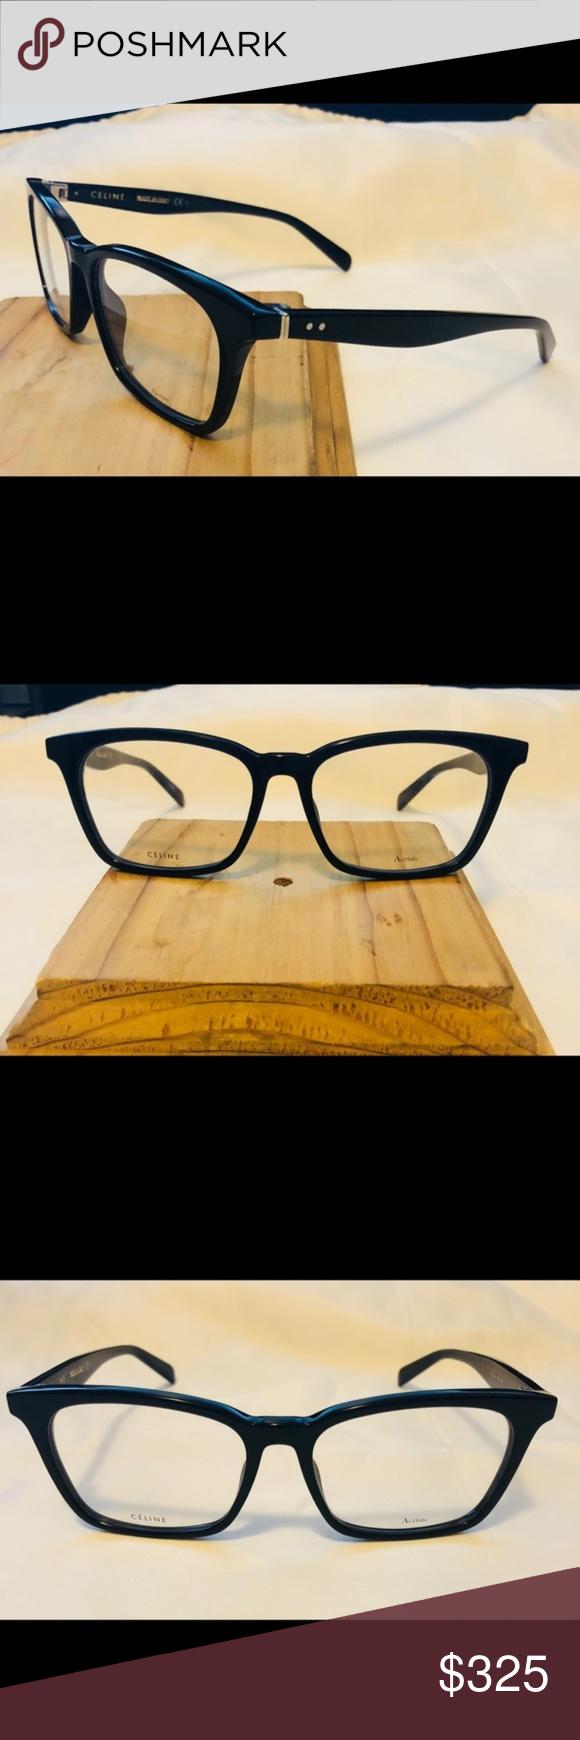 4ef283cc7acd New Celine CL 41345 Black RX Optical Frame Eyewear NEW Celine CL 41345 RX  Optical Frame